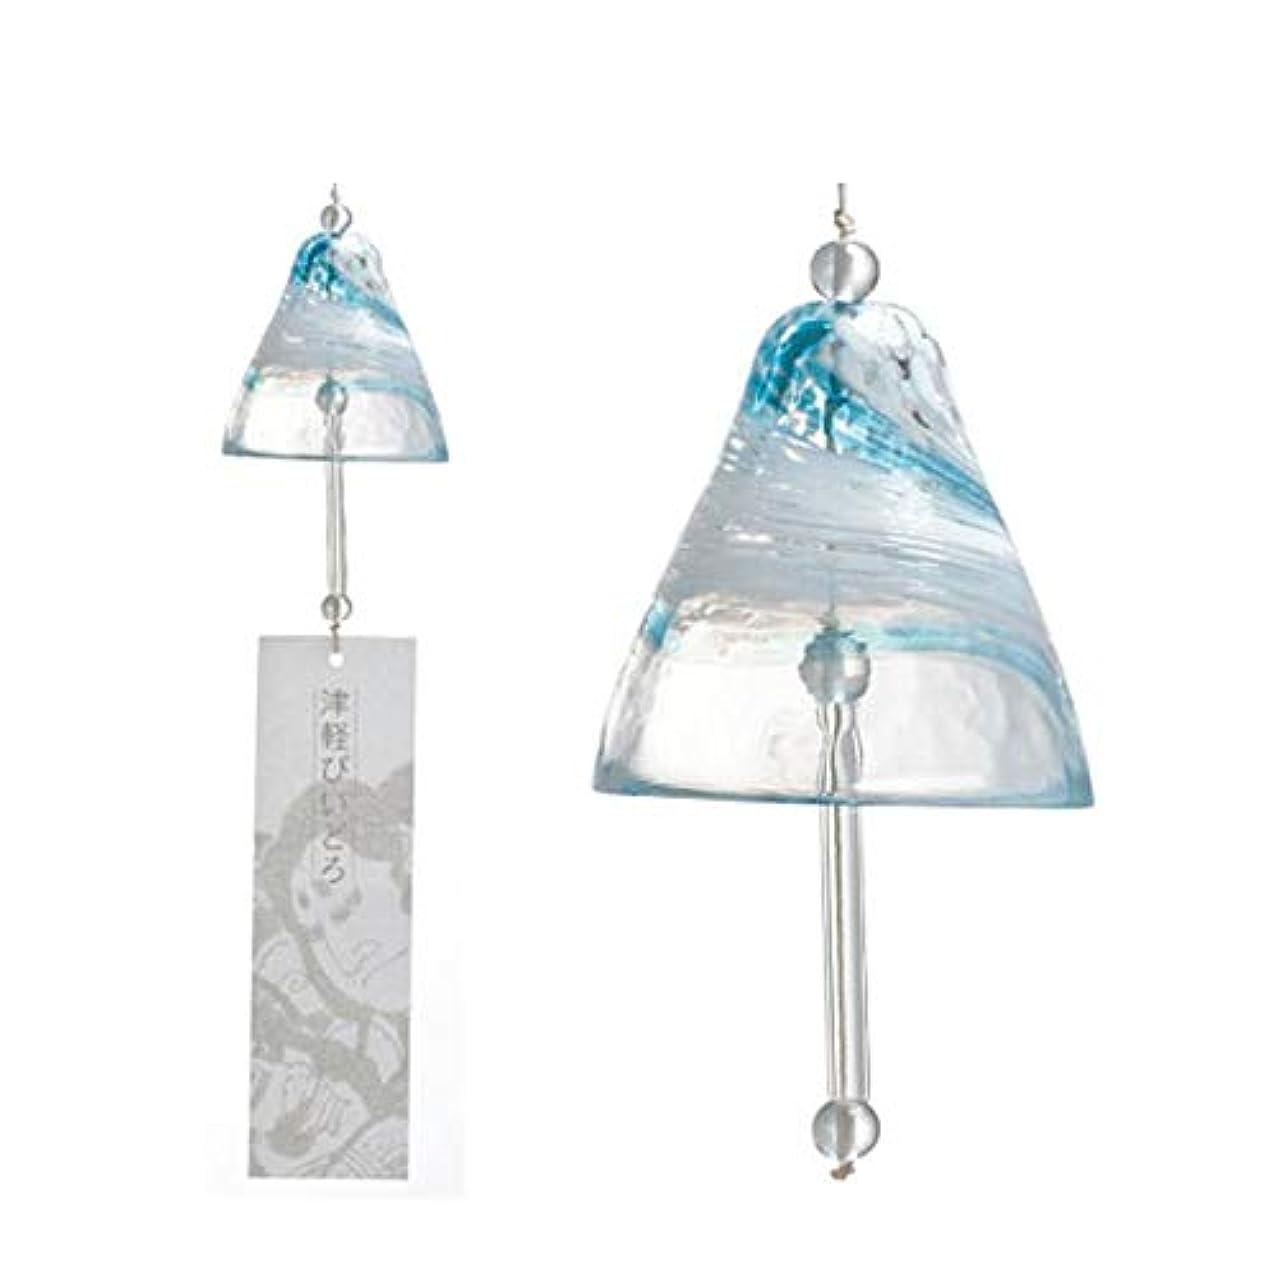 誘惑輝度文明化Gaoxingbianlidian001 風チャイム、クリスタルガラス風チャイム、ドア飾りペンダント、レッド、サイズ75x76mmハンギング,楽しいホリデーギフト (Color : Blue)